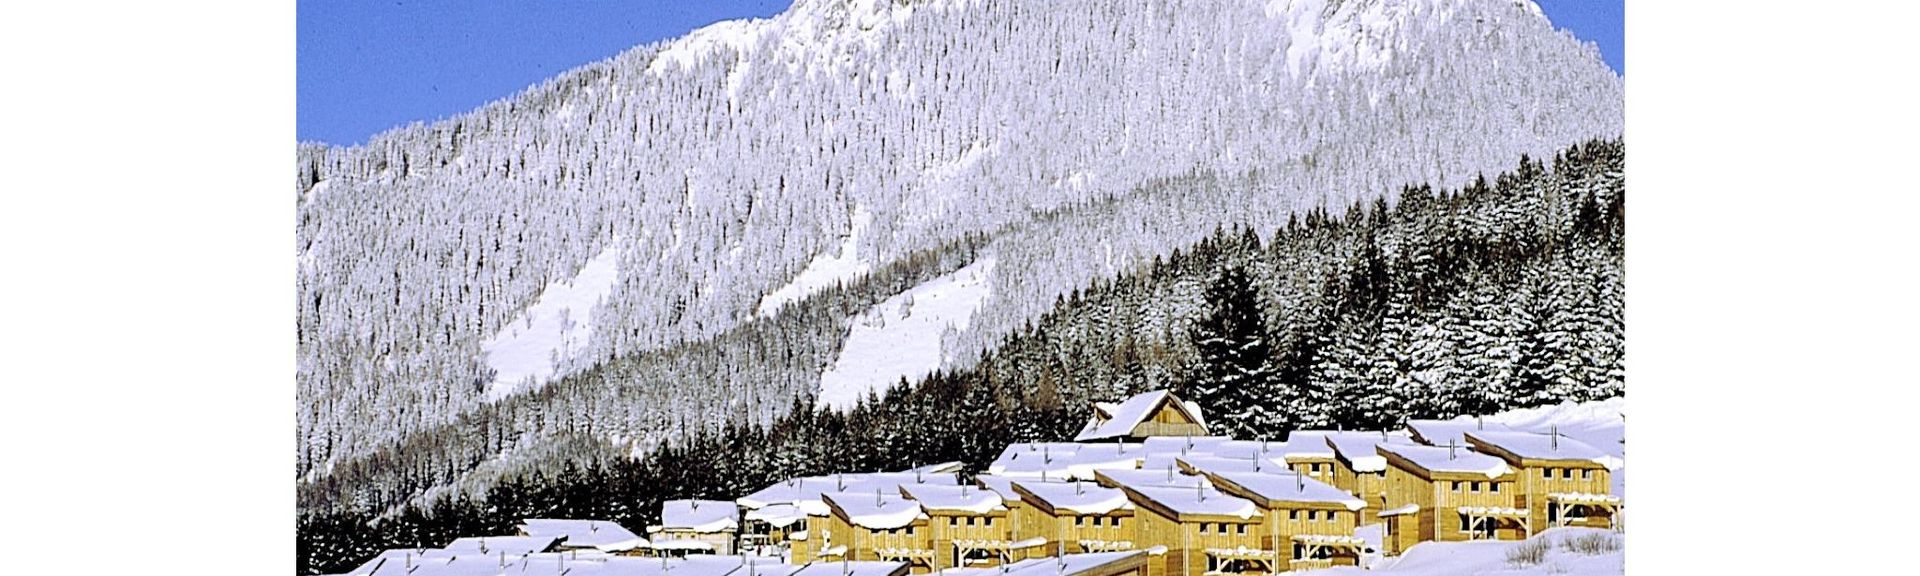 Admont Frauenberg an der Enns Station, Austria